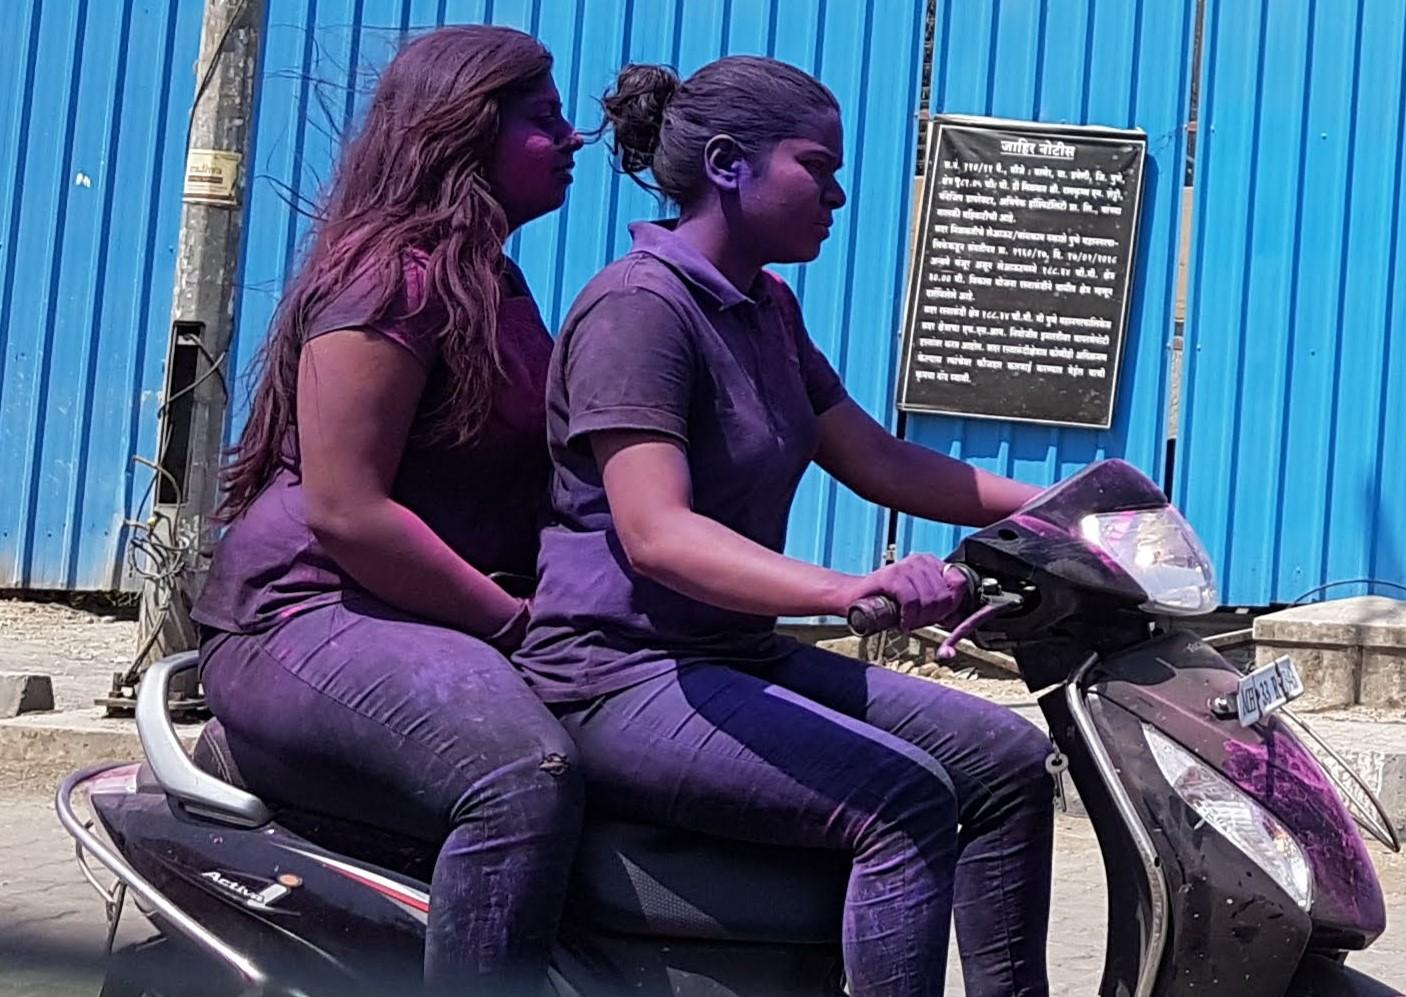 purplescooter.jpg